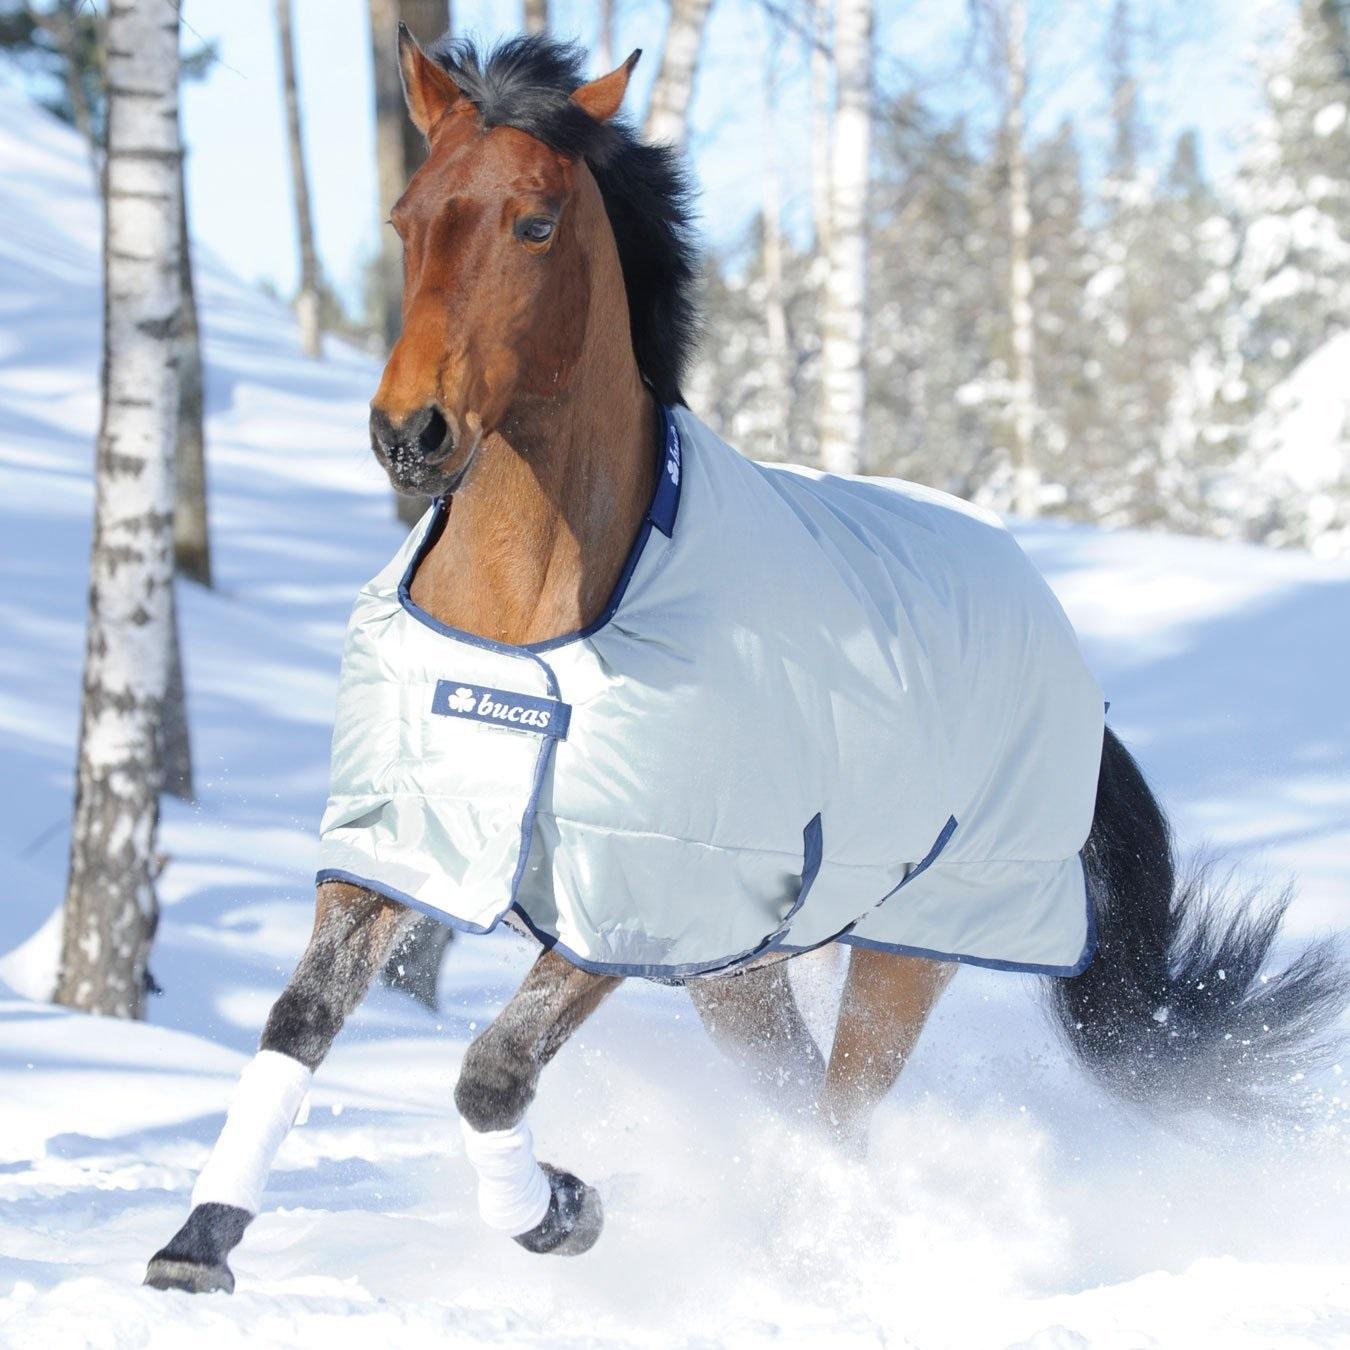 Der Pferdeerreger die Nebeneffekte